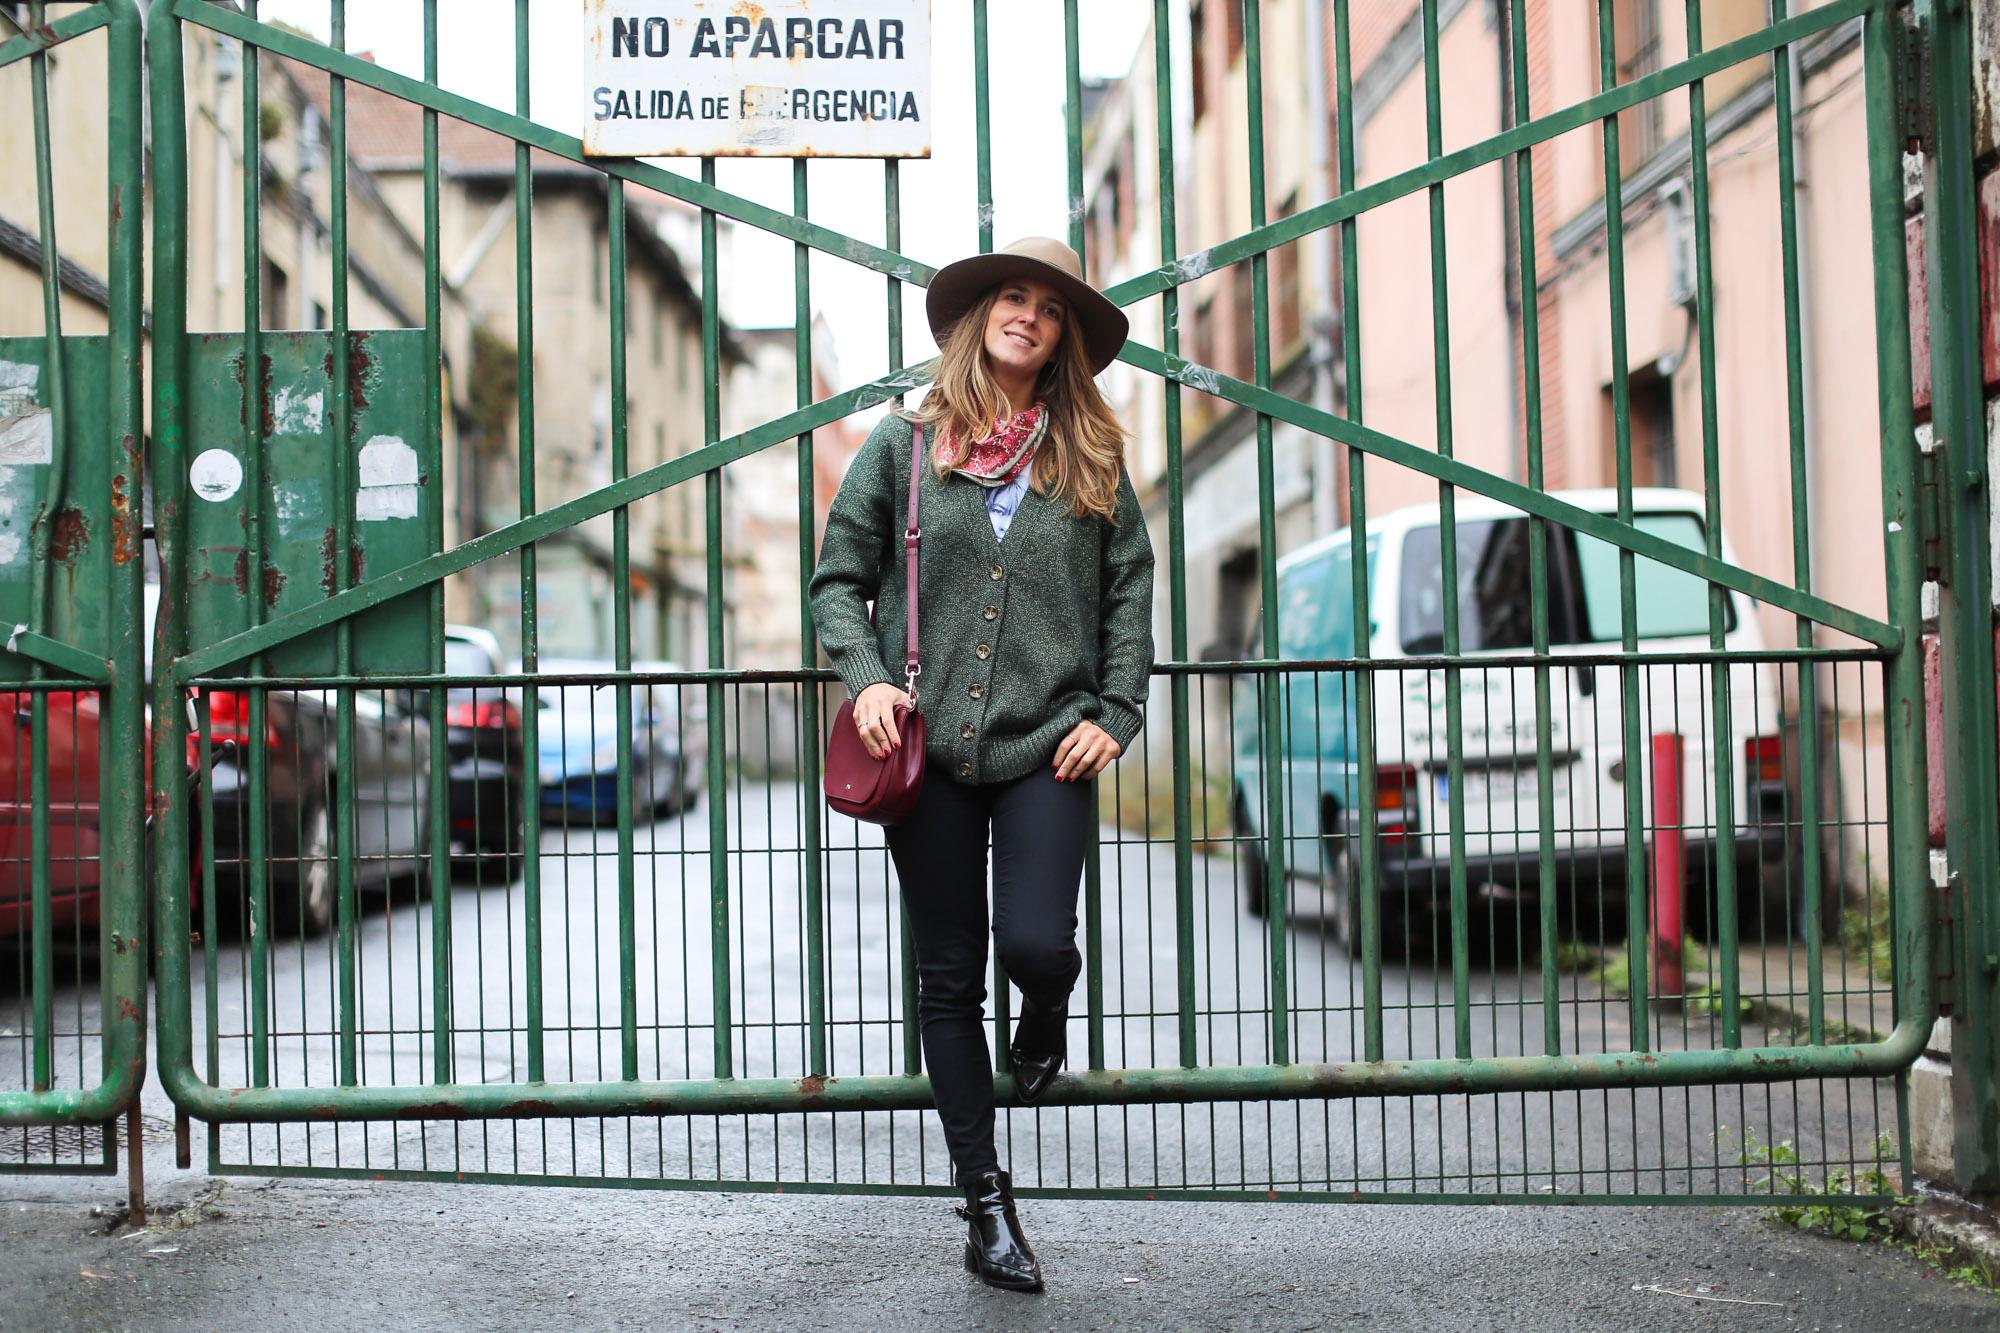 Clochet_fashionblogger_streetstyle_coswoolcoat_purificaciongarciapañuelodeseda_bolsobandolerawestfalia-4